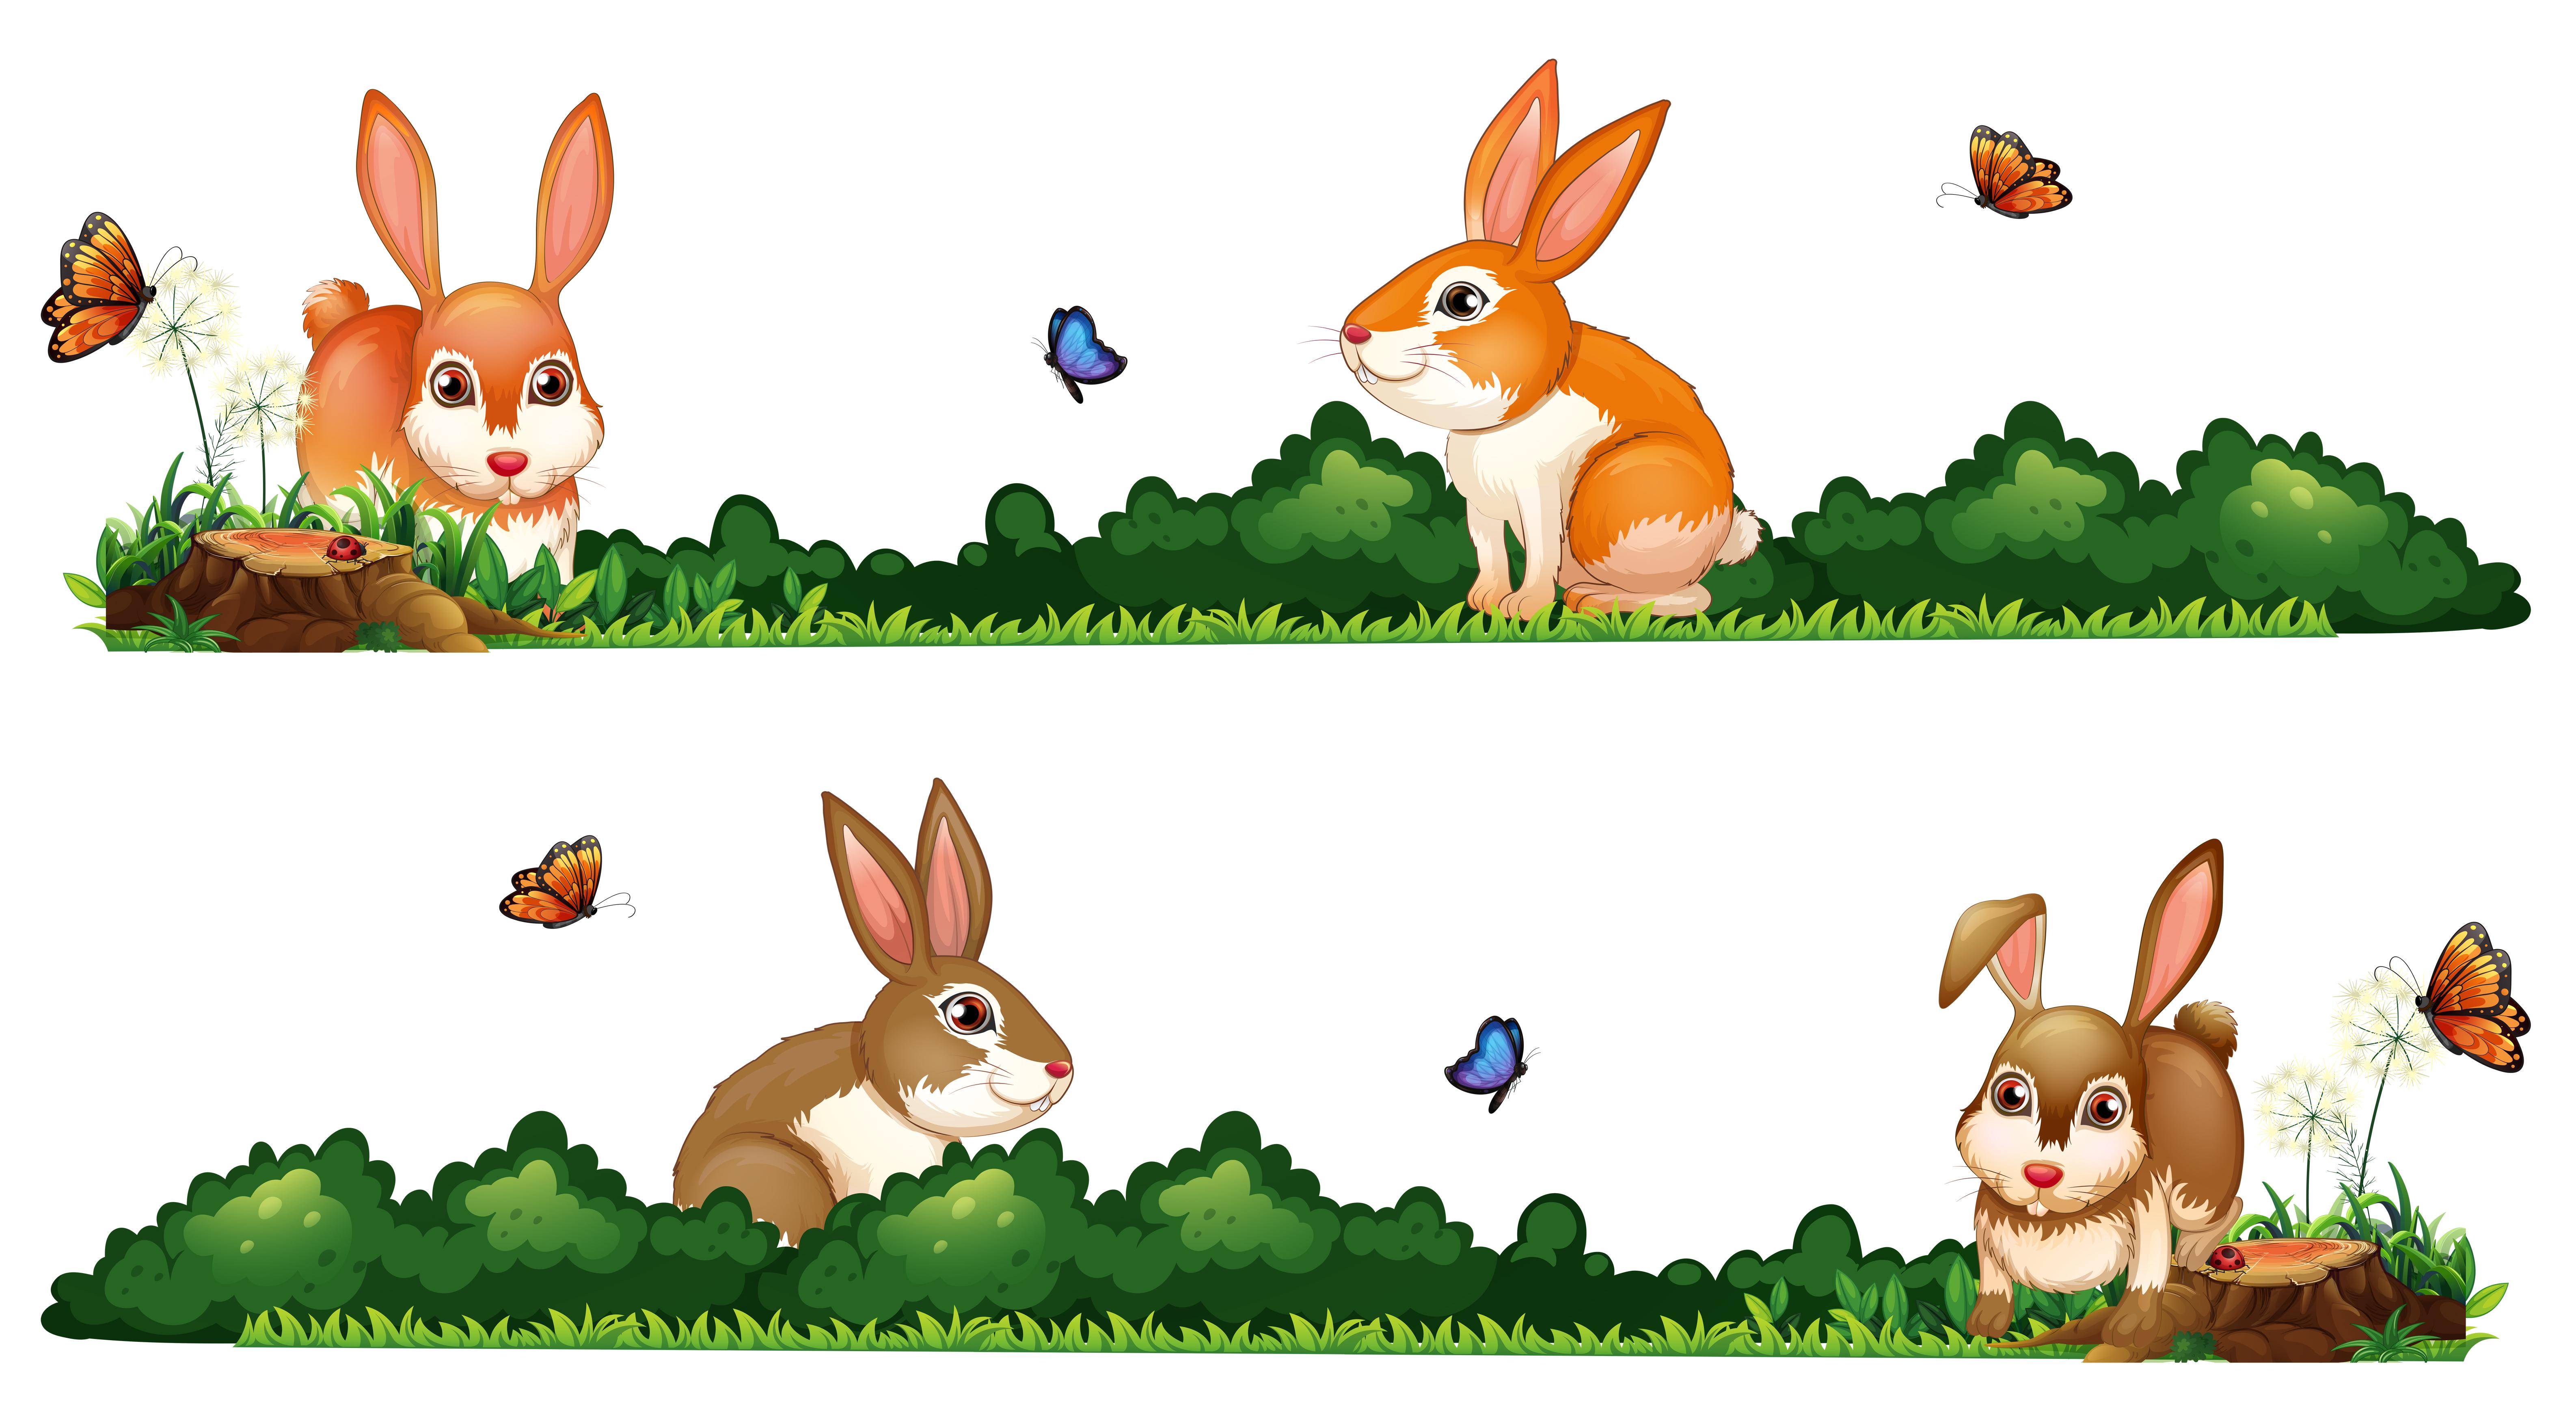 兔子圖片 免費下載 | 天天瘋後製